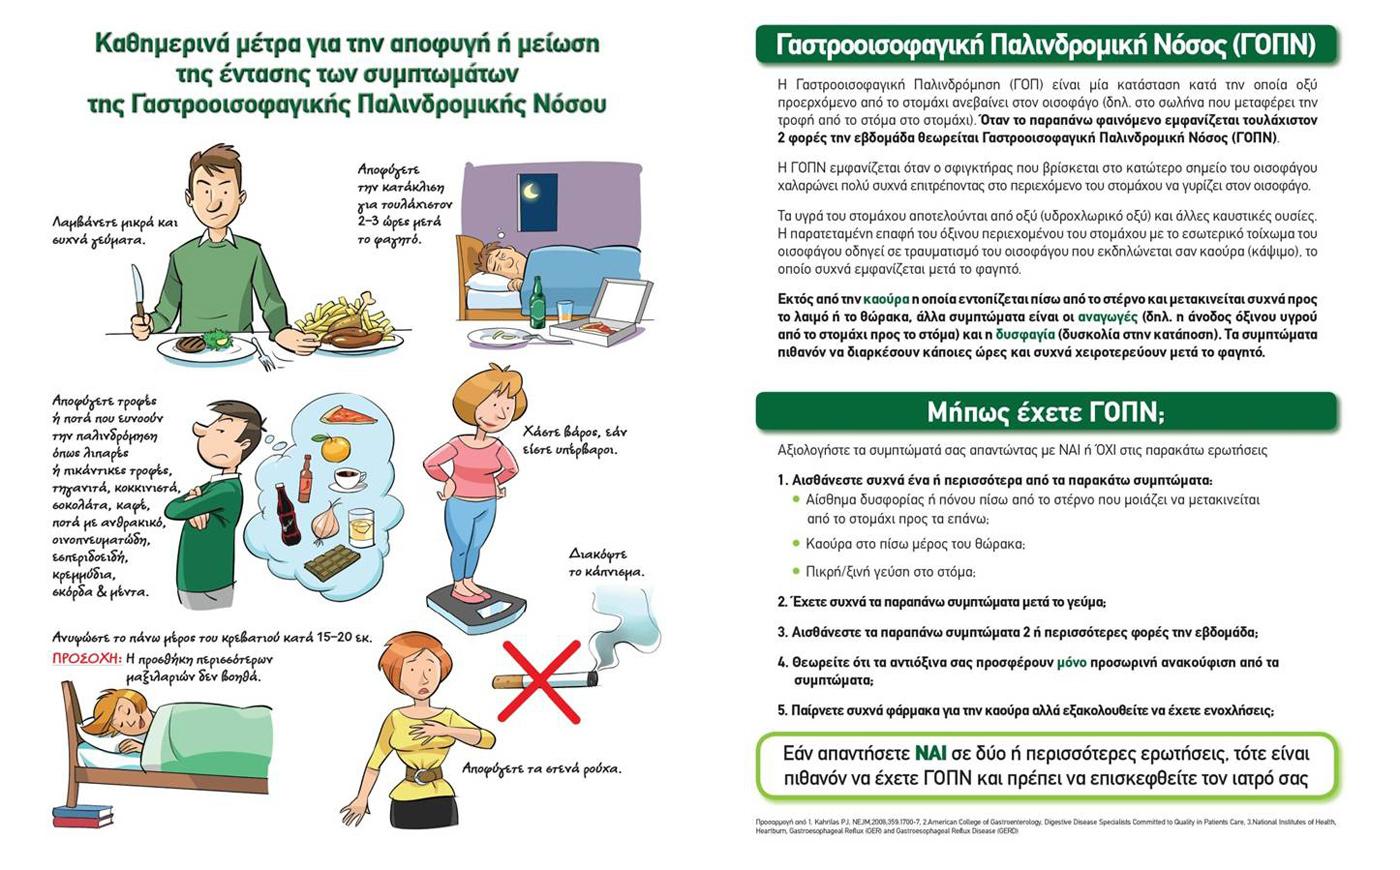 Γαστροοισοφαγική Παλινδρομική Νόσος